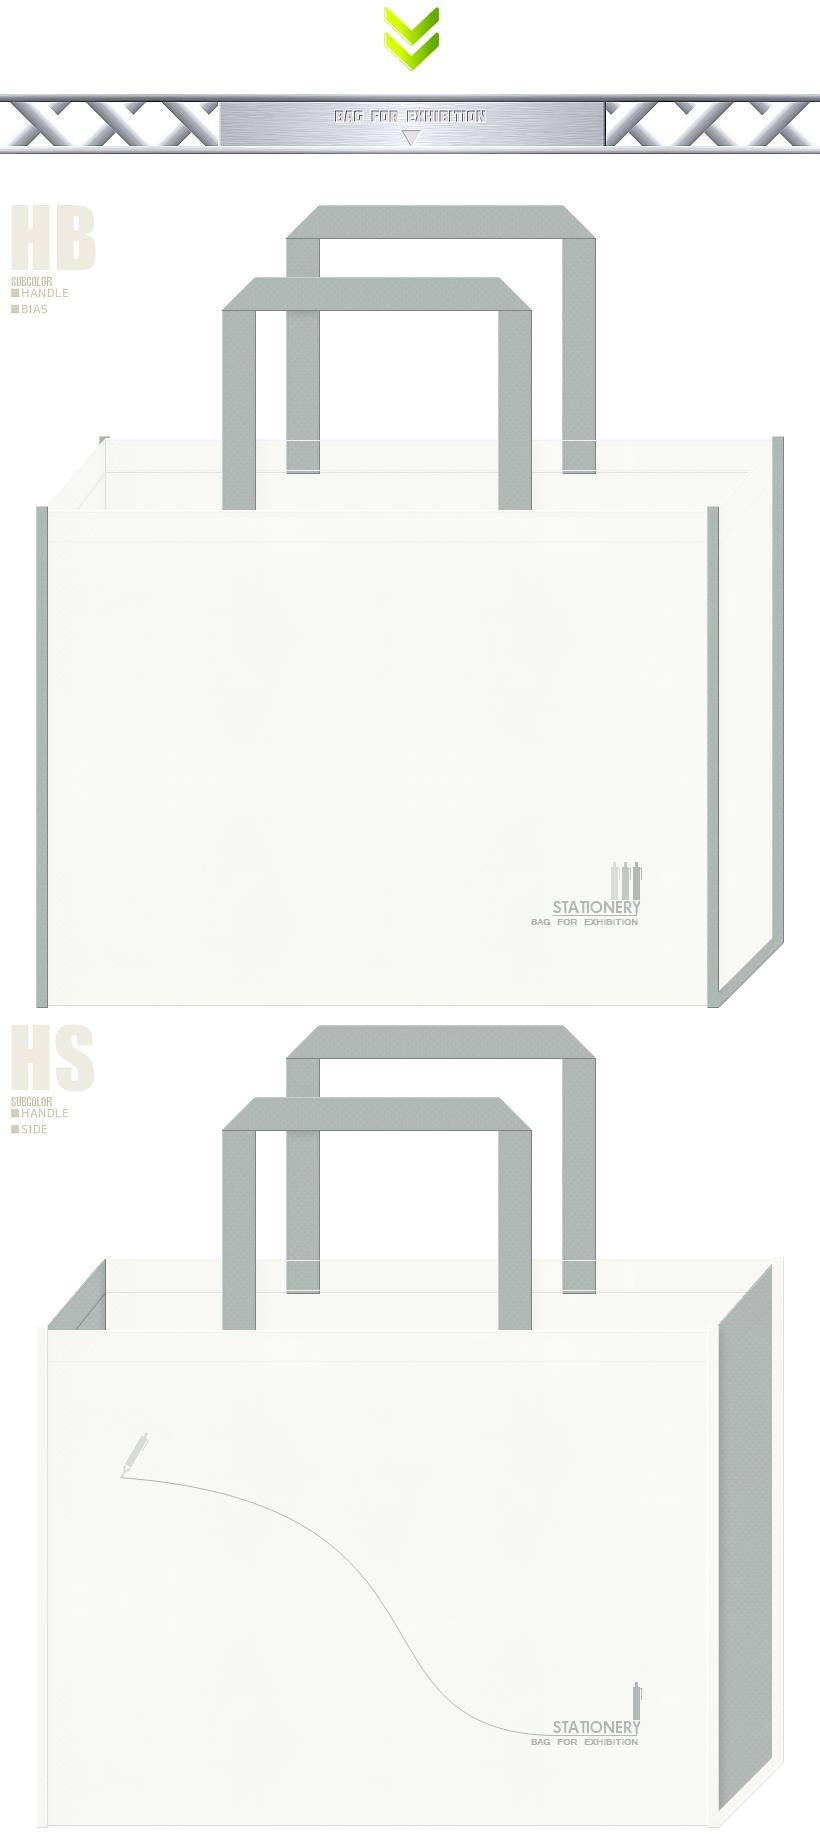 オフホワイト色とグレー色の不織布バッグデザイン:機械・金属・文具の展示会用バッグ